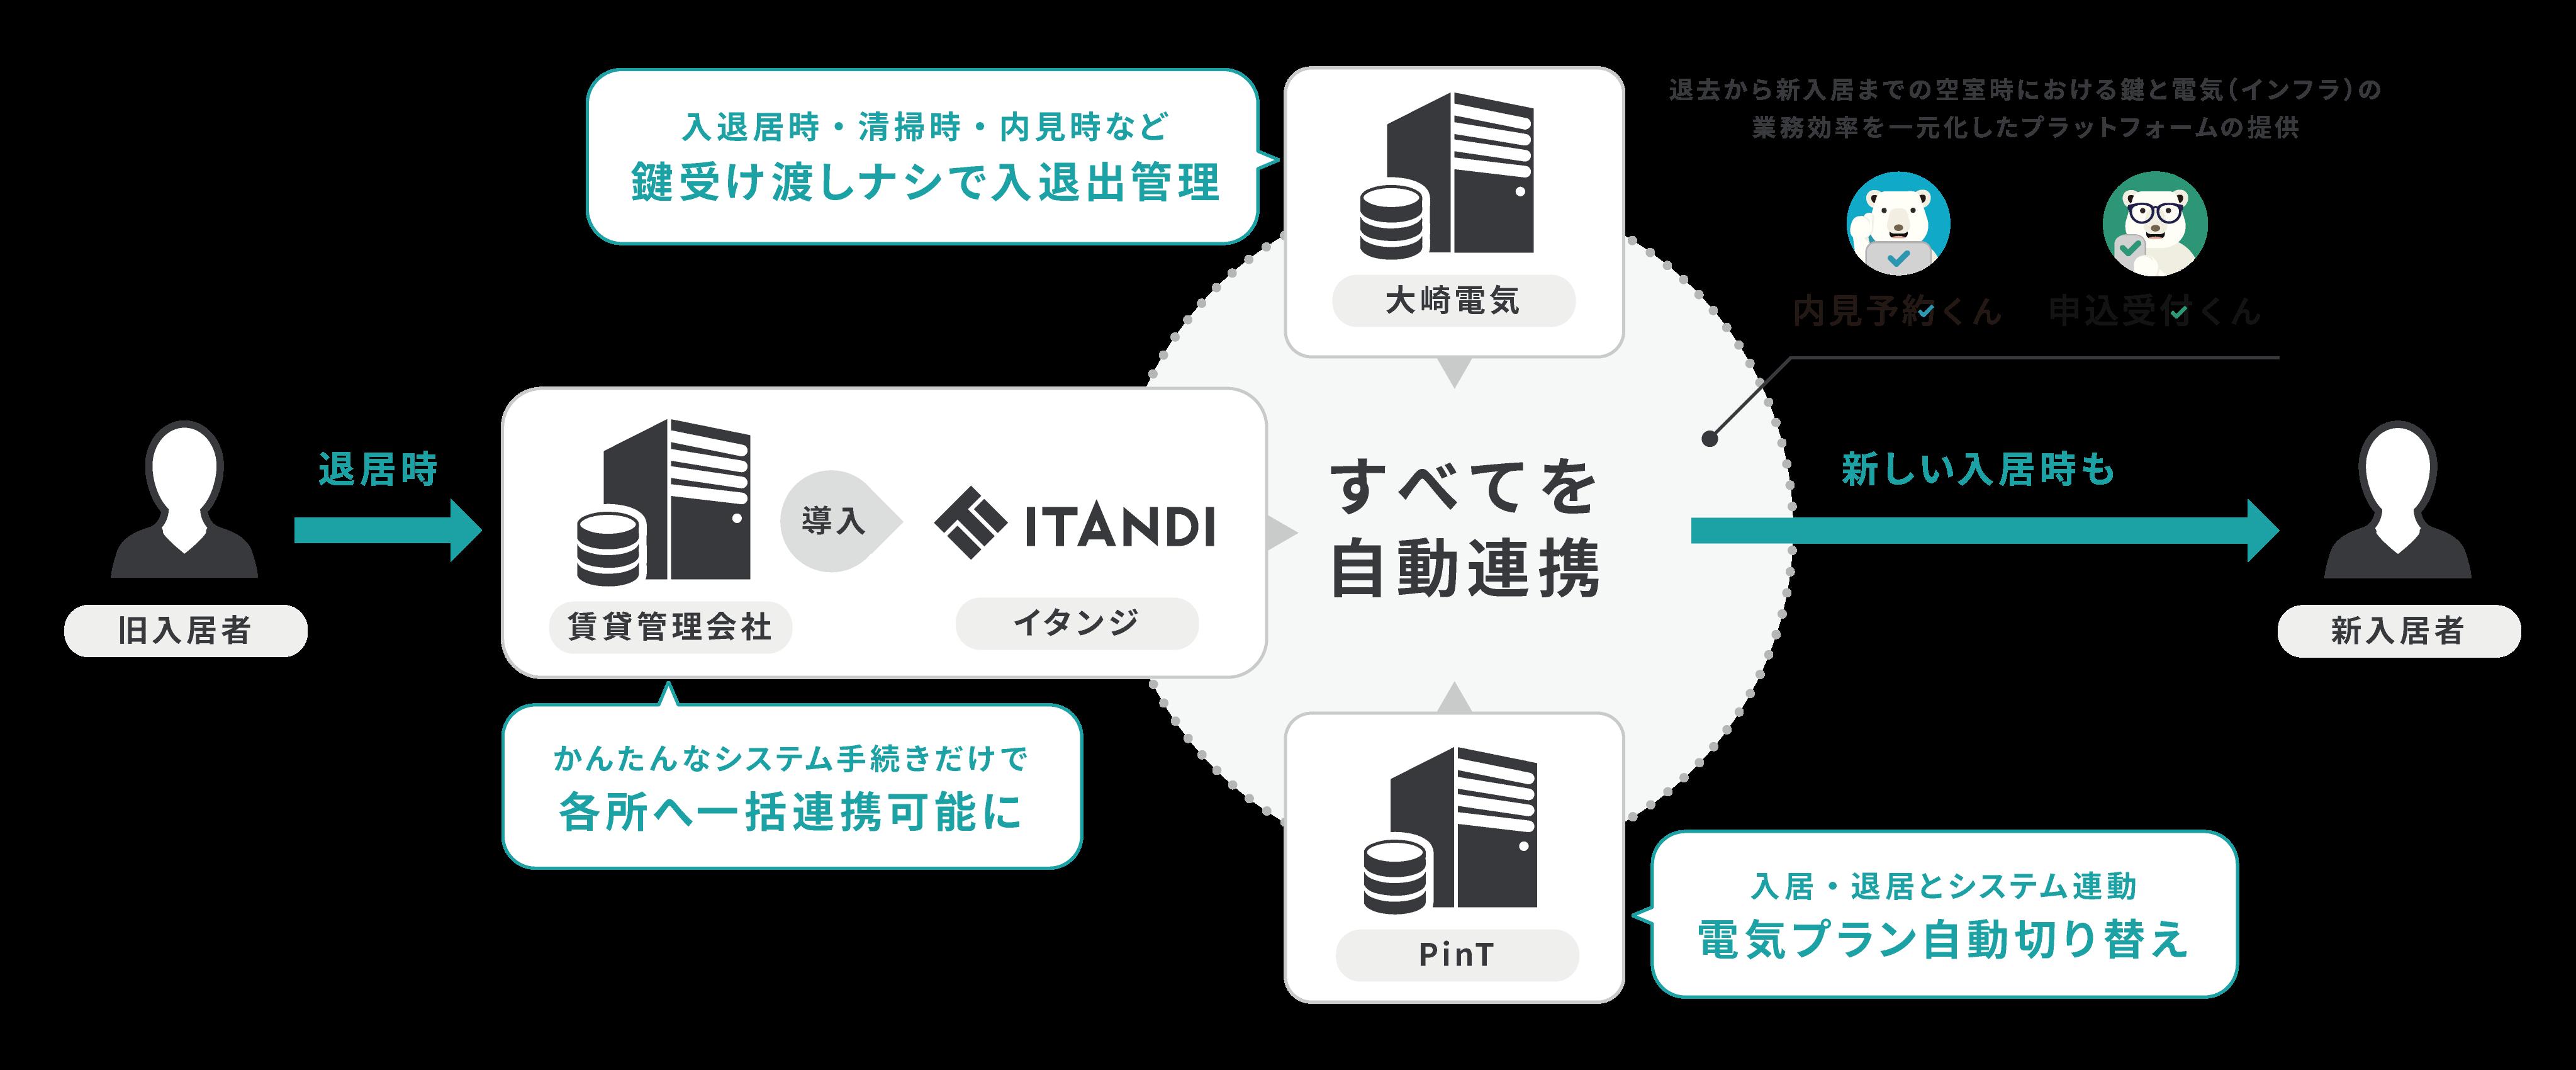 東京電力グループ PinT、大崎電気、イタンジが不動産賃貸サービスで提携